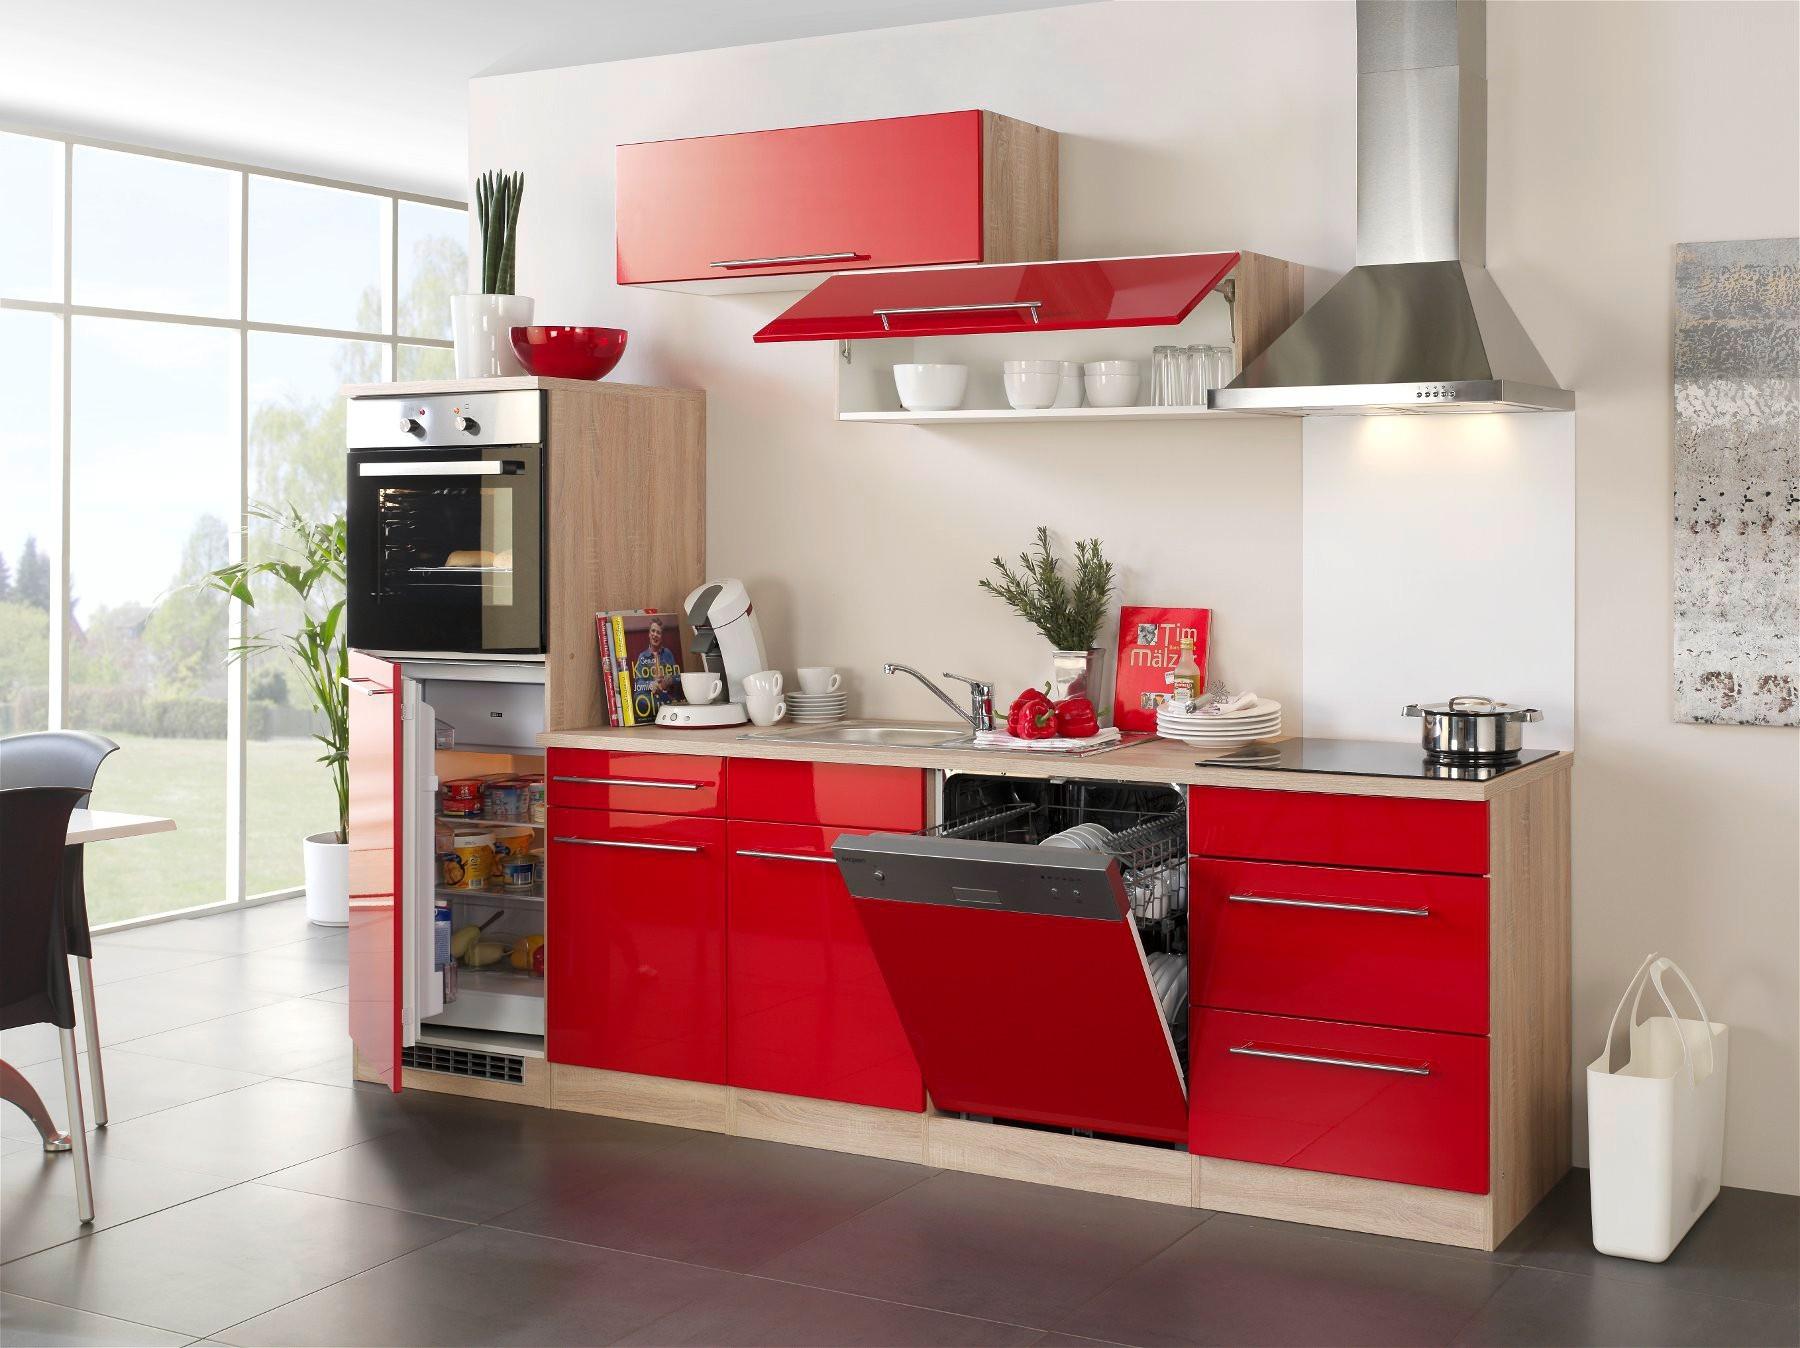 Kuche Mit Elektrogeraten Einbaukuche Mit Geraten Kuchenzeile 280cm